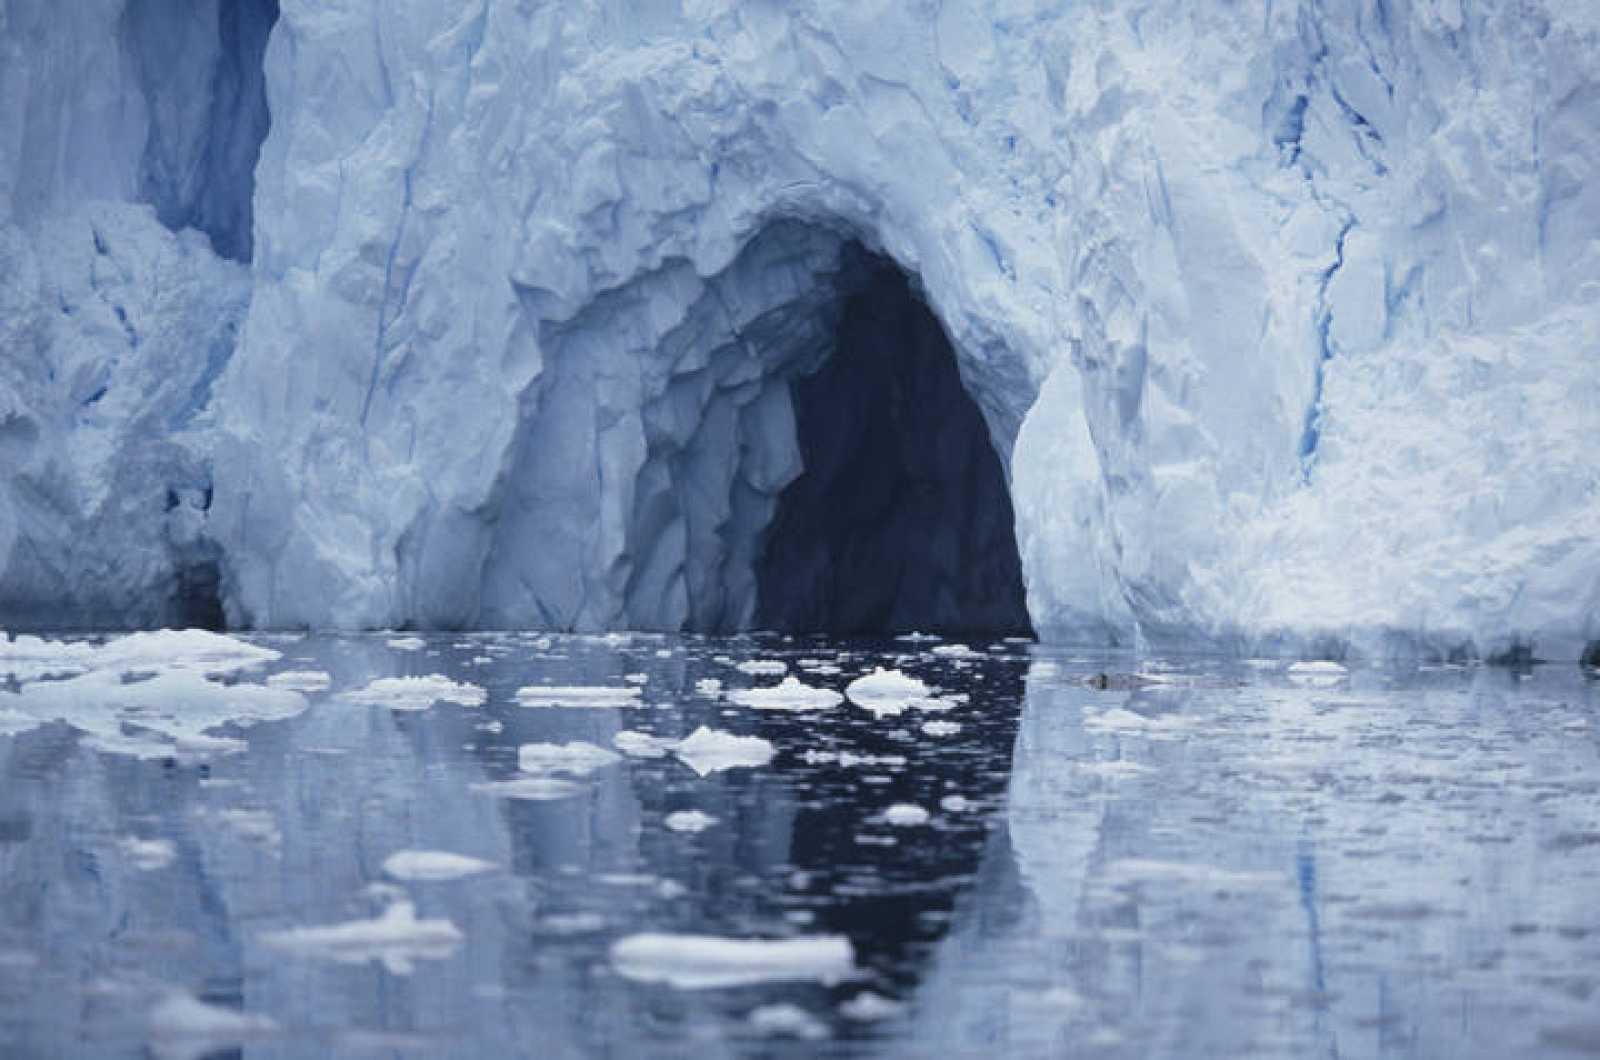 Una cueva en la Antártida